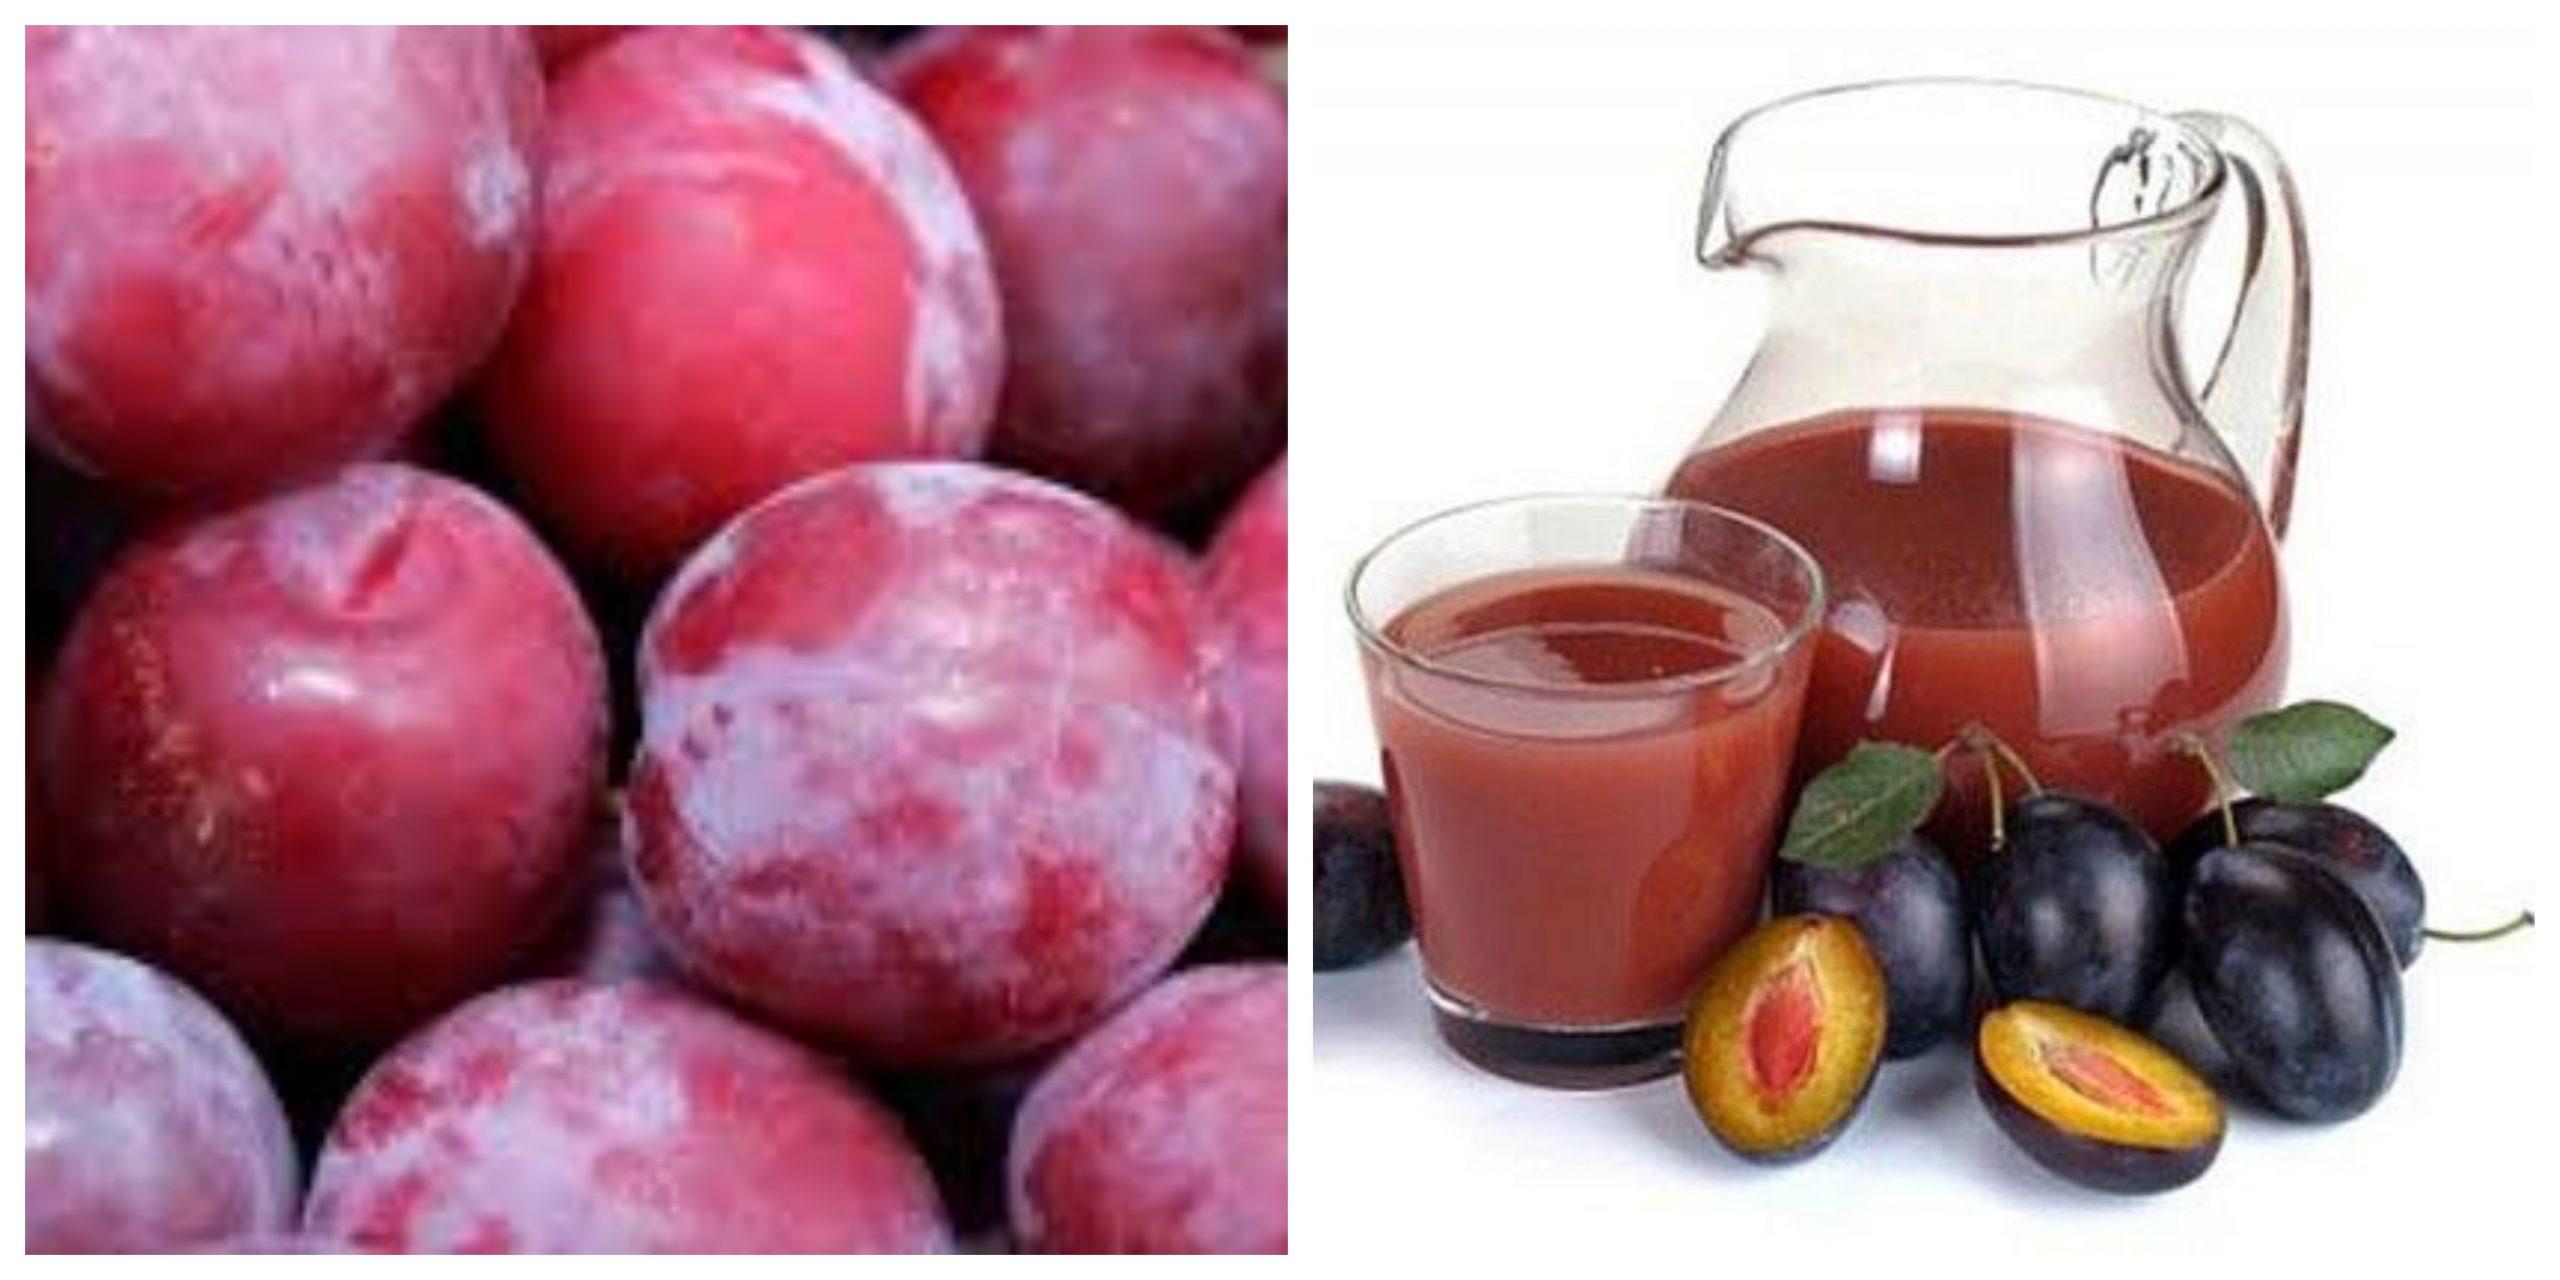 فوائد صحية لعصير البرقوق لن تتخيلها